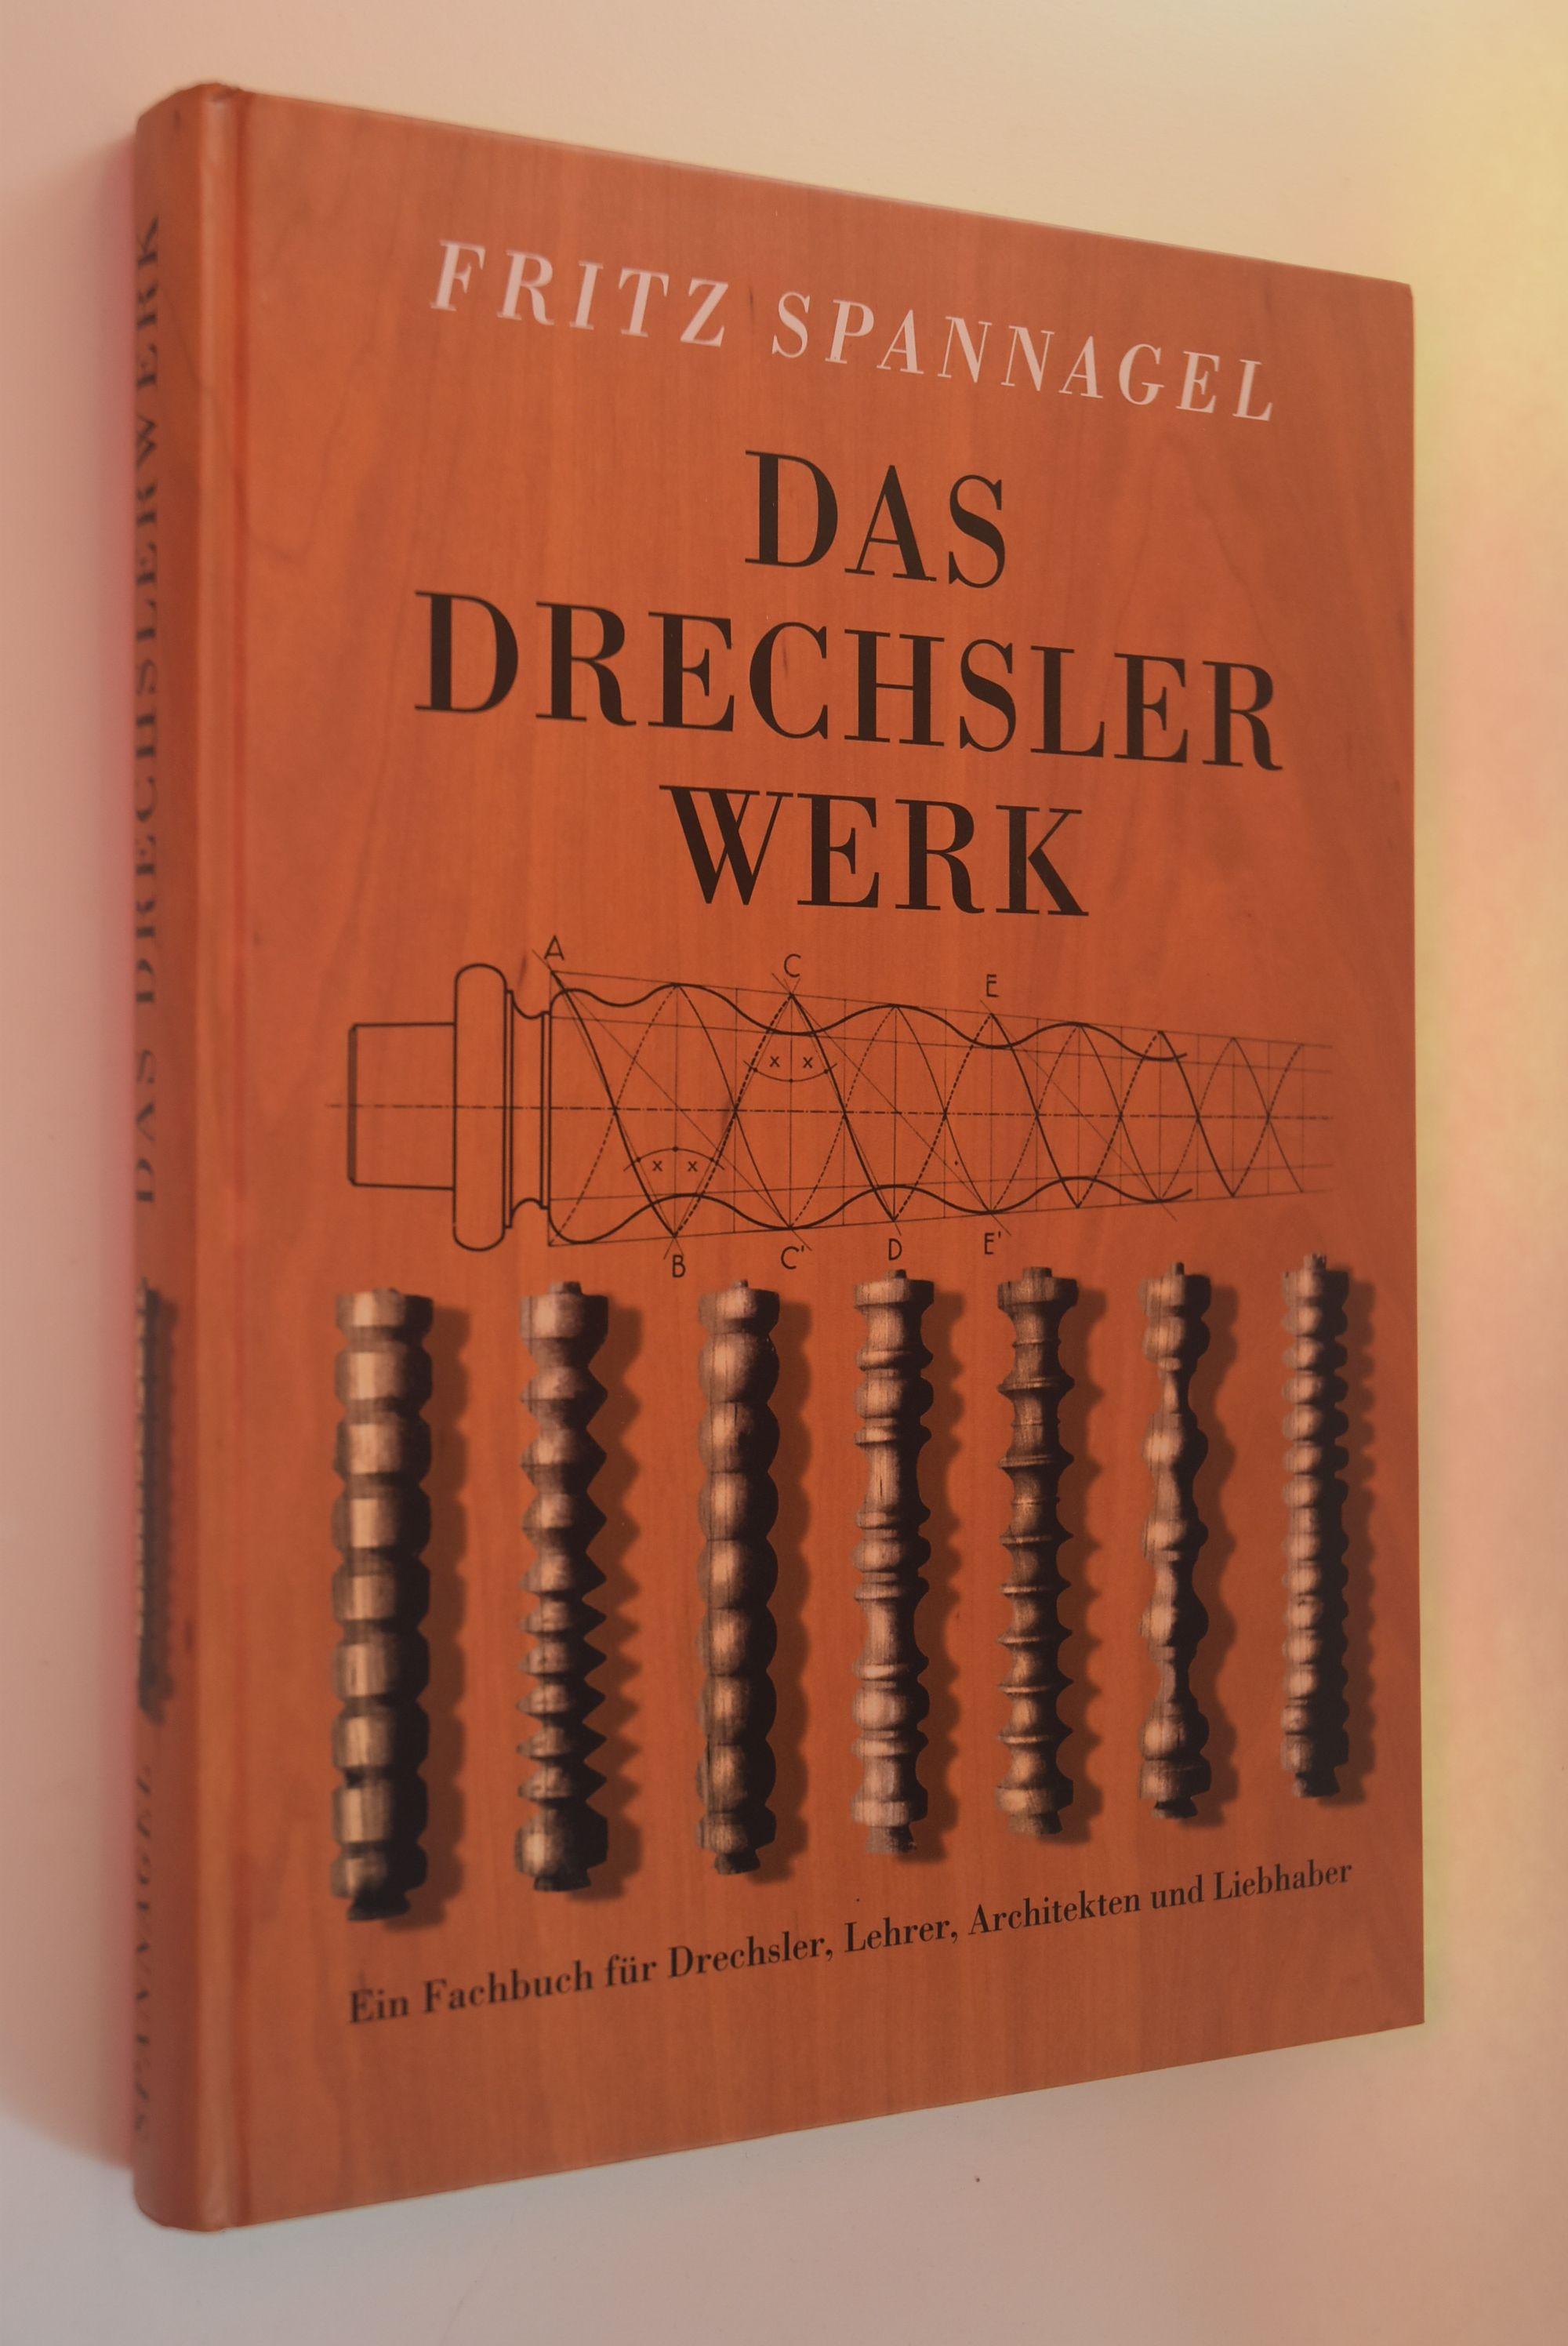 Das Drechslerwerk : ein Fachbuch für Drechsler, Lehrer und Architekten ; auch ein Beitrag zur Stilgeschichte des Hausrats. von Fritz Spannagel / HolzWerken - Spannagel, Fritz (Verfasser)